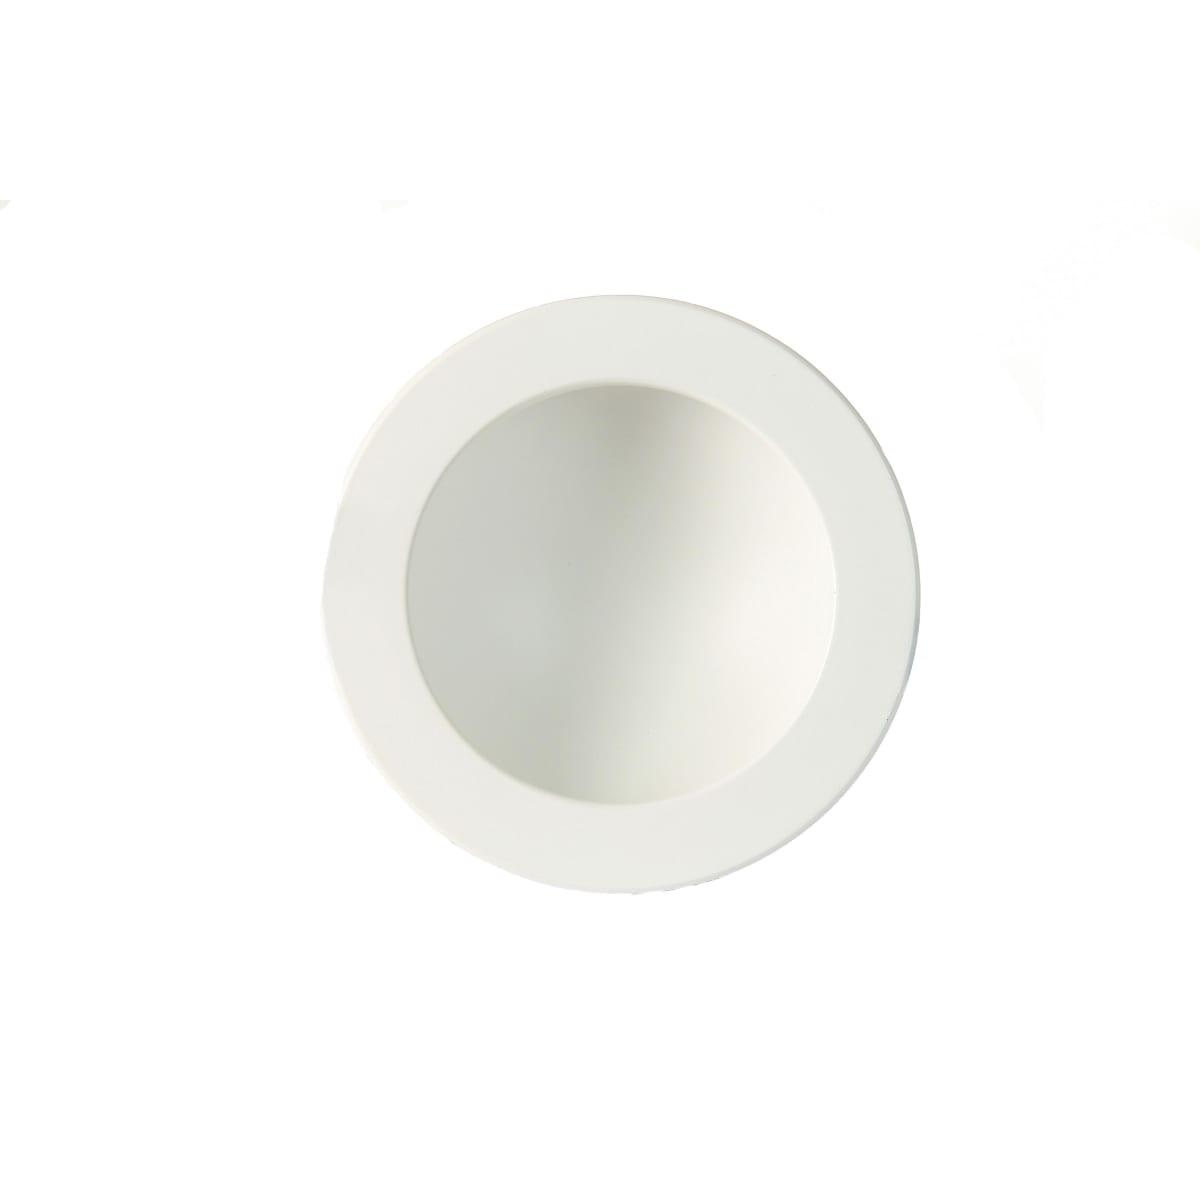 Светильник встраиваемый светодиодный Mantra Cabrera C0047 под отверствие 132 мм теплый свет